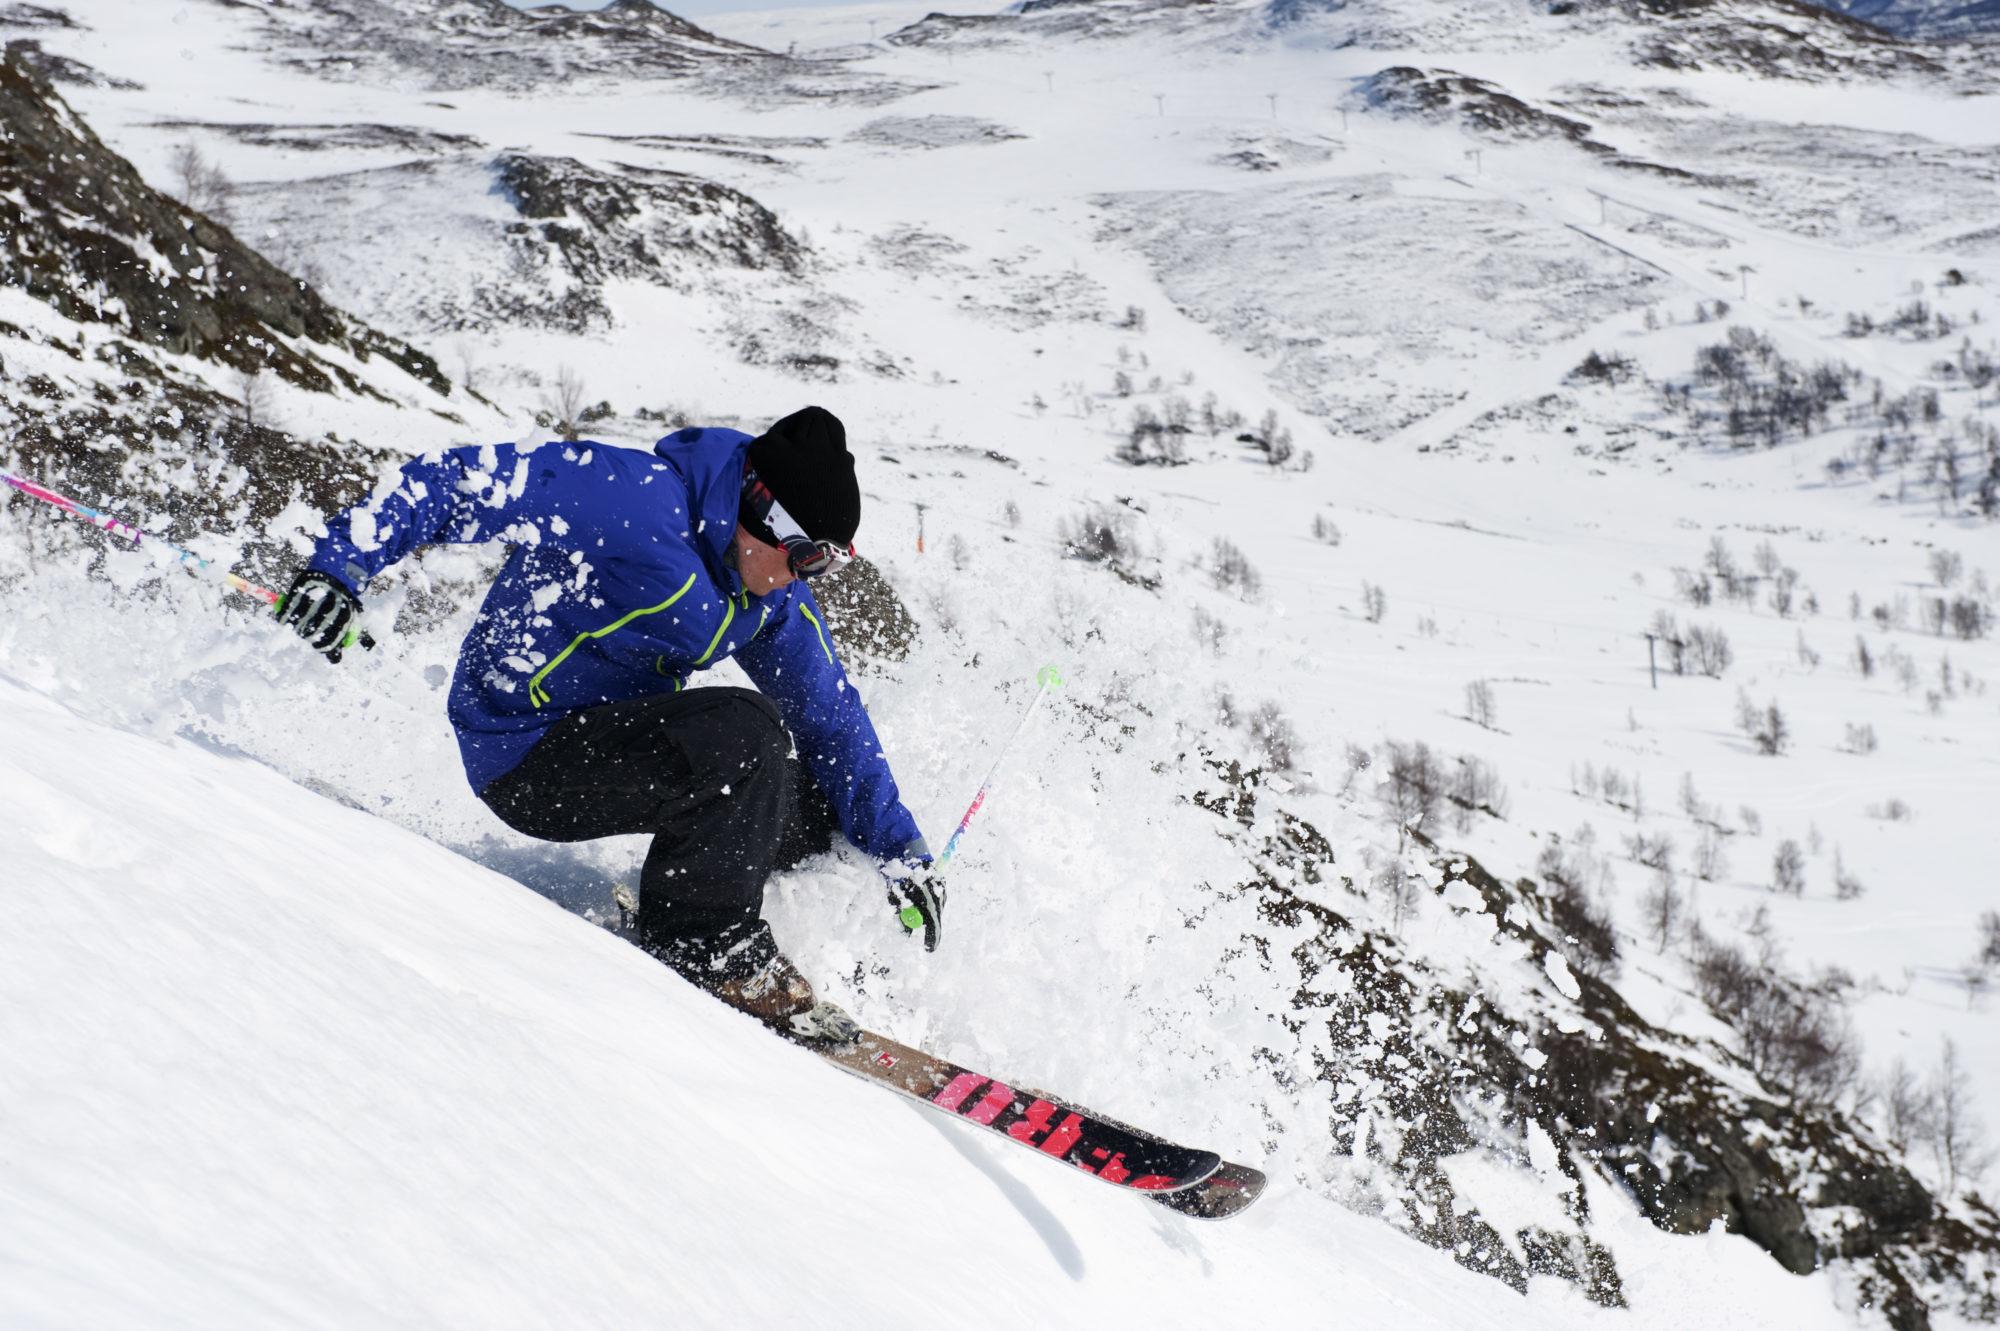 Herlige skiopplevelser i Oppdal Skisenter på Oppdal i Trøndelag, Foto: Terje Rakke / trondelag.com